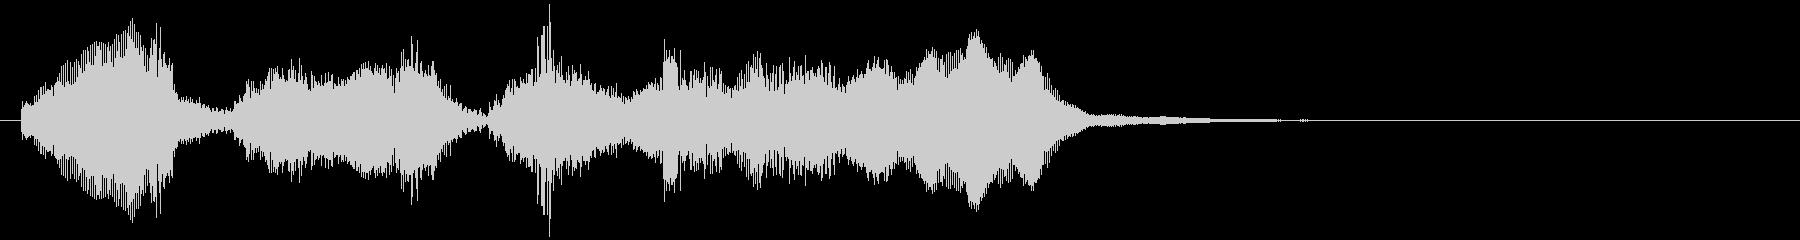 のほほんジングル010_ほのぼの-3の未再生の波形